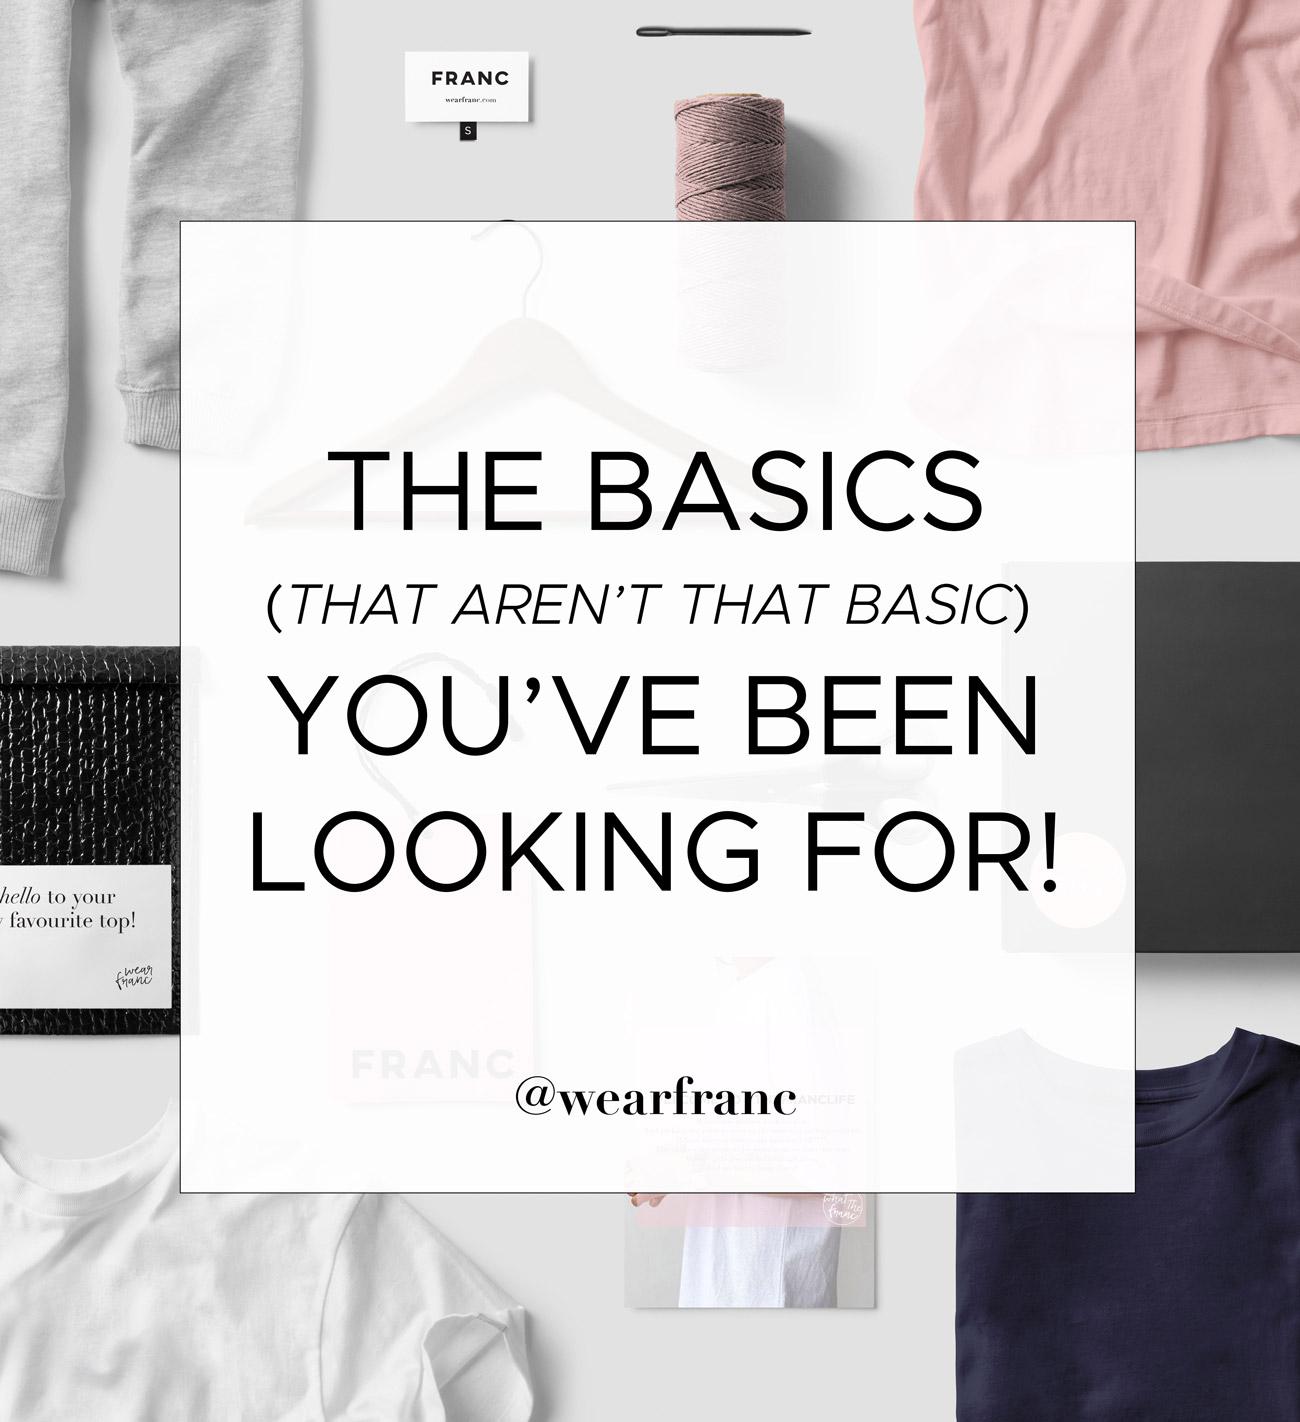 #wearfranc, everyday basics